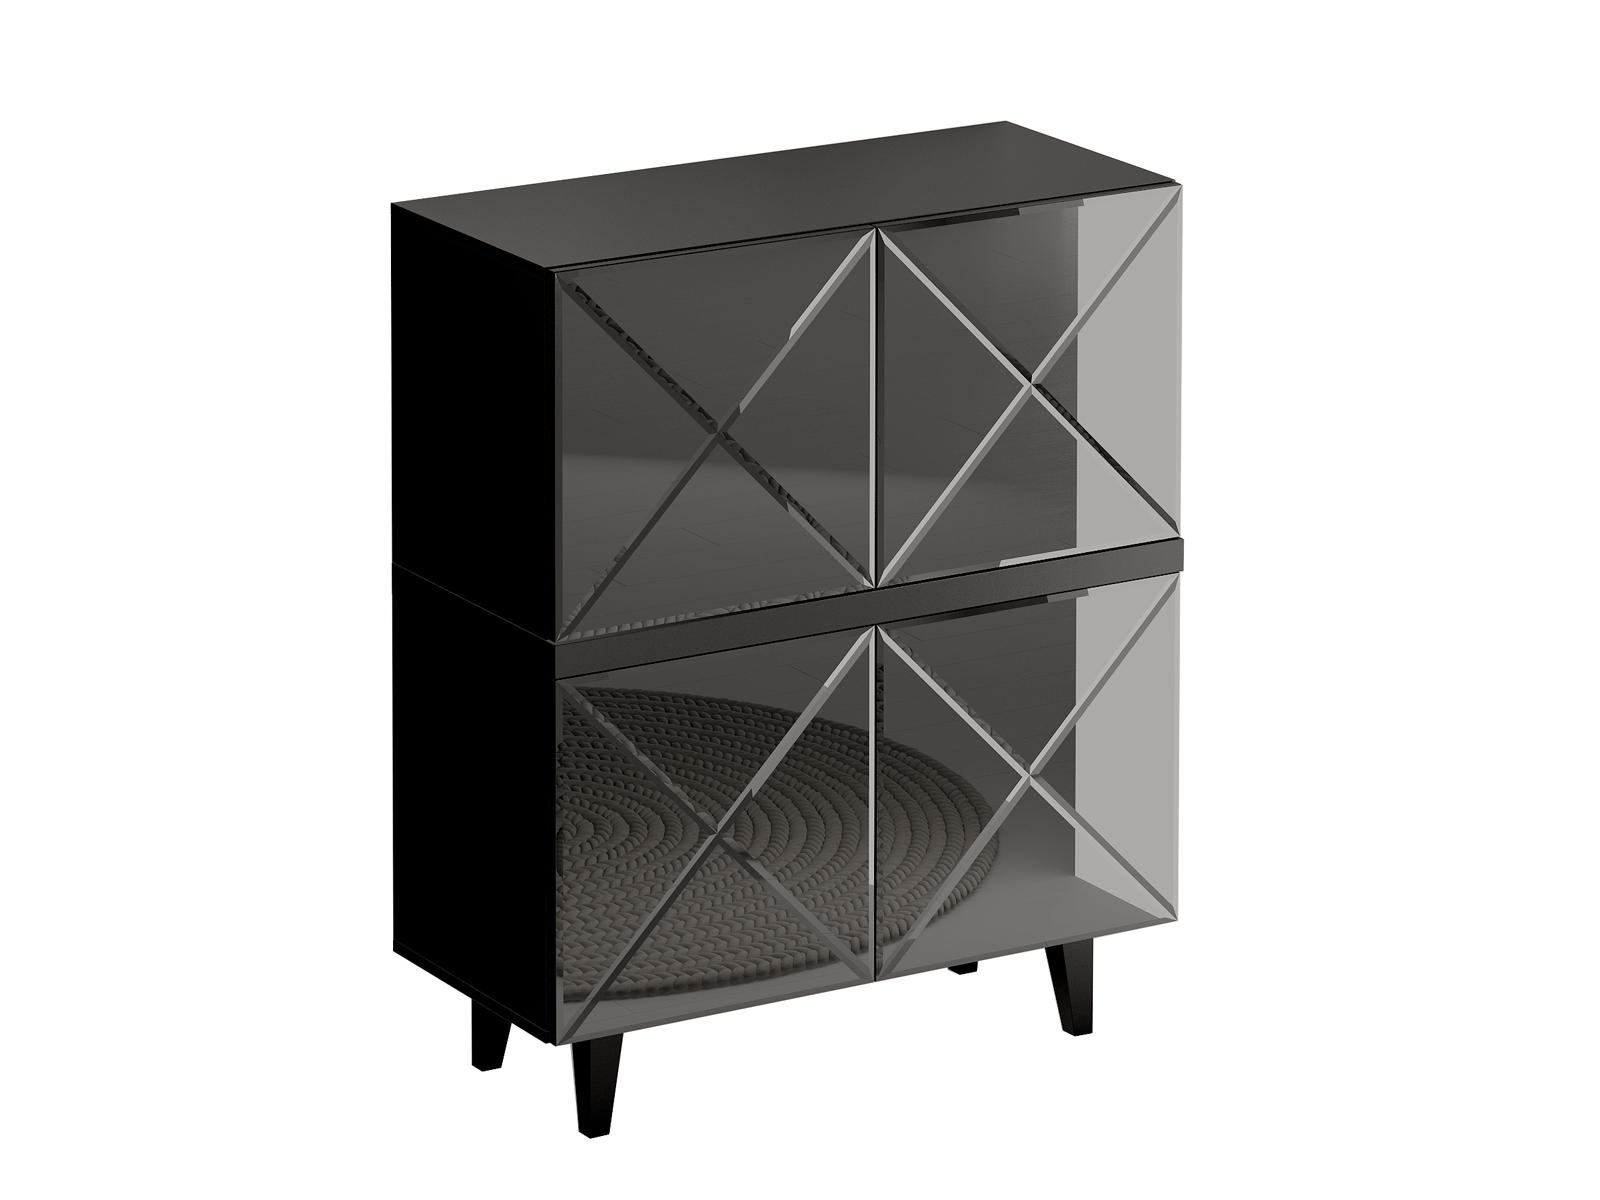 Шкаф KristalБельевые шкафы<br>Шкаф комбинированный для гостиной.&amp;nbsp;Дверцы открываются по принципу «нажал - открыл».Фасад - стекло черное.&amp;nbsp;<br><br>kit: None<br>gender: None